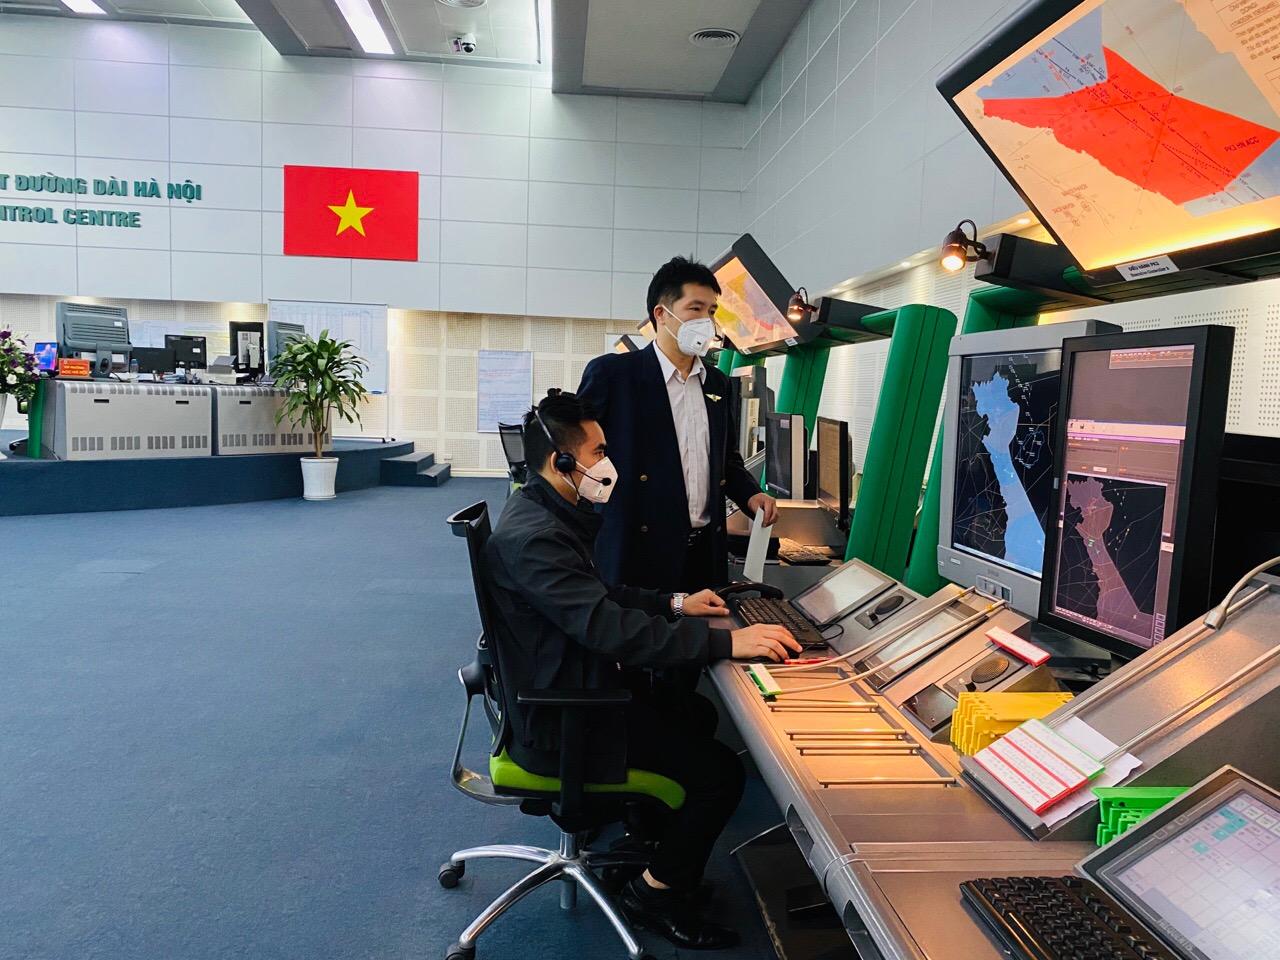 Nhóm A- Trung tâm Kiểm soát đường dài Hà Nội – Ứng phó thành công Đợt 1 chống đại dịch Covid-19